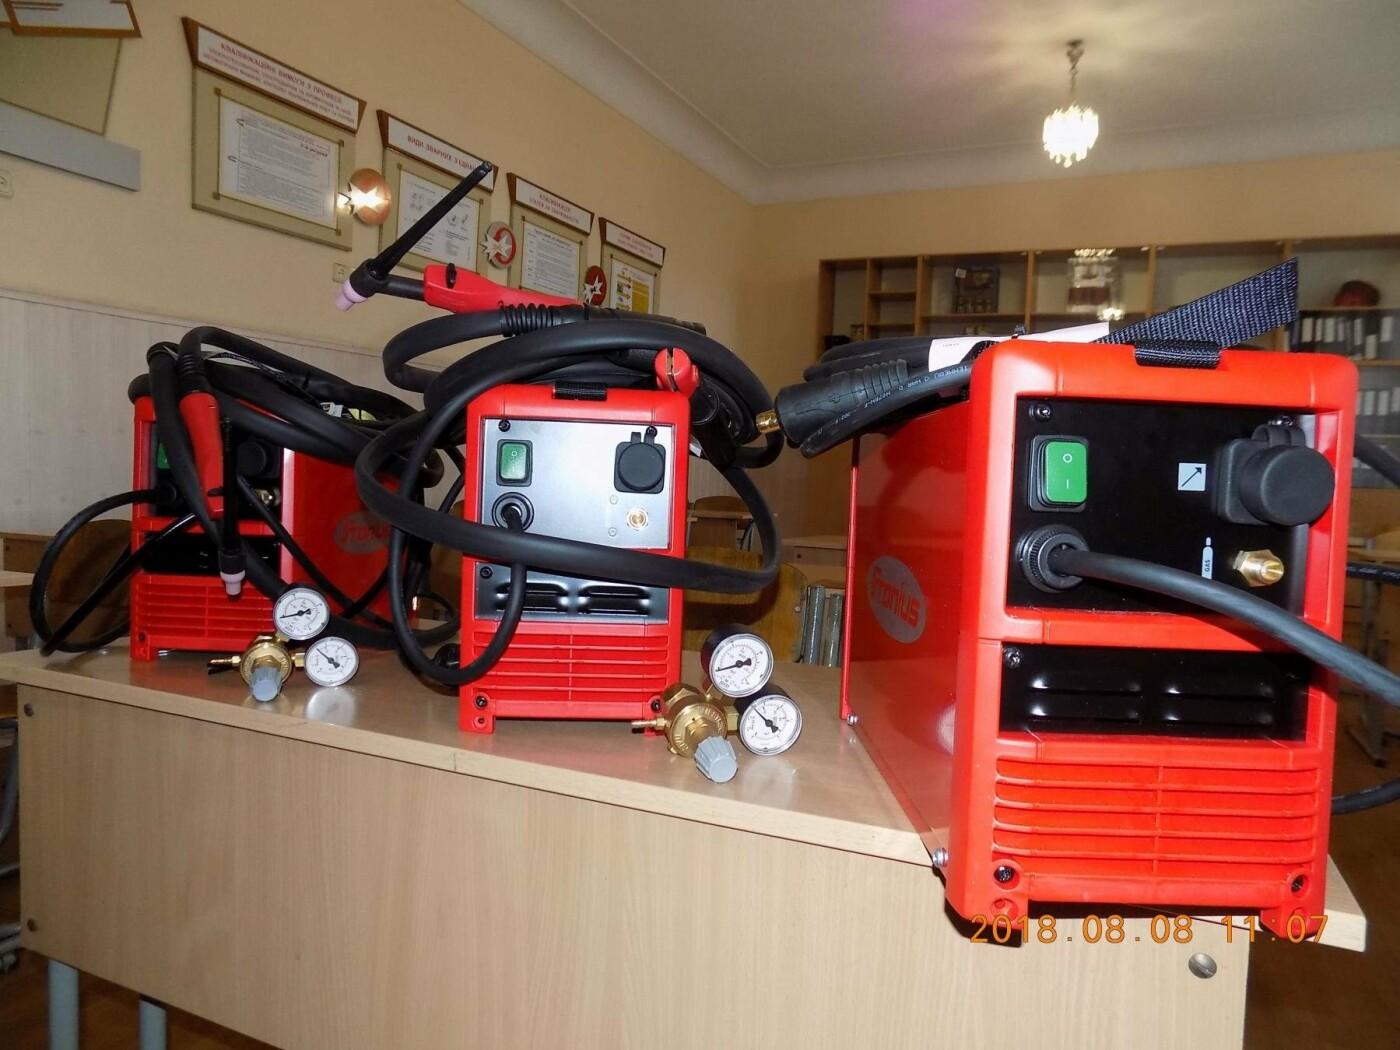 В Каменском высшем профессиональном училище появились новые сварочные аппараты, фото-2